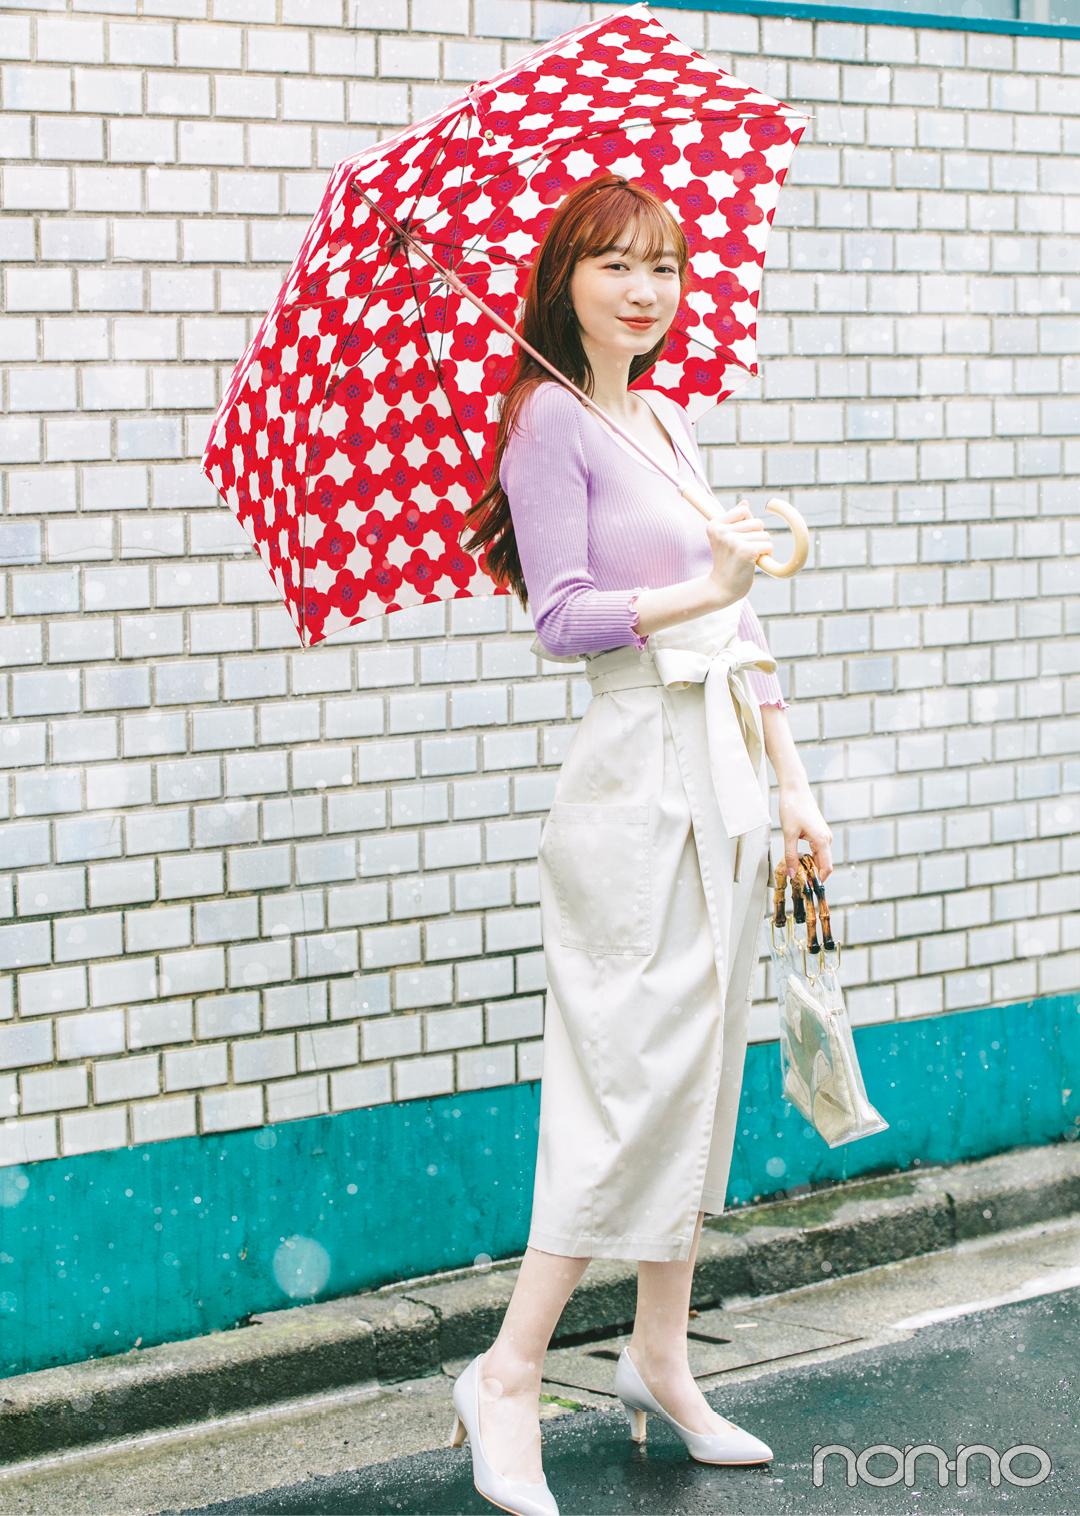 梅雨入りしても岡本夏美のおしゃれが可愛い♡ 雨の日のきれいめ靴も必見!_1_2